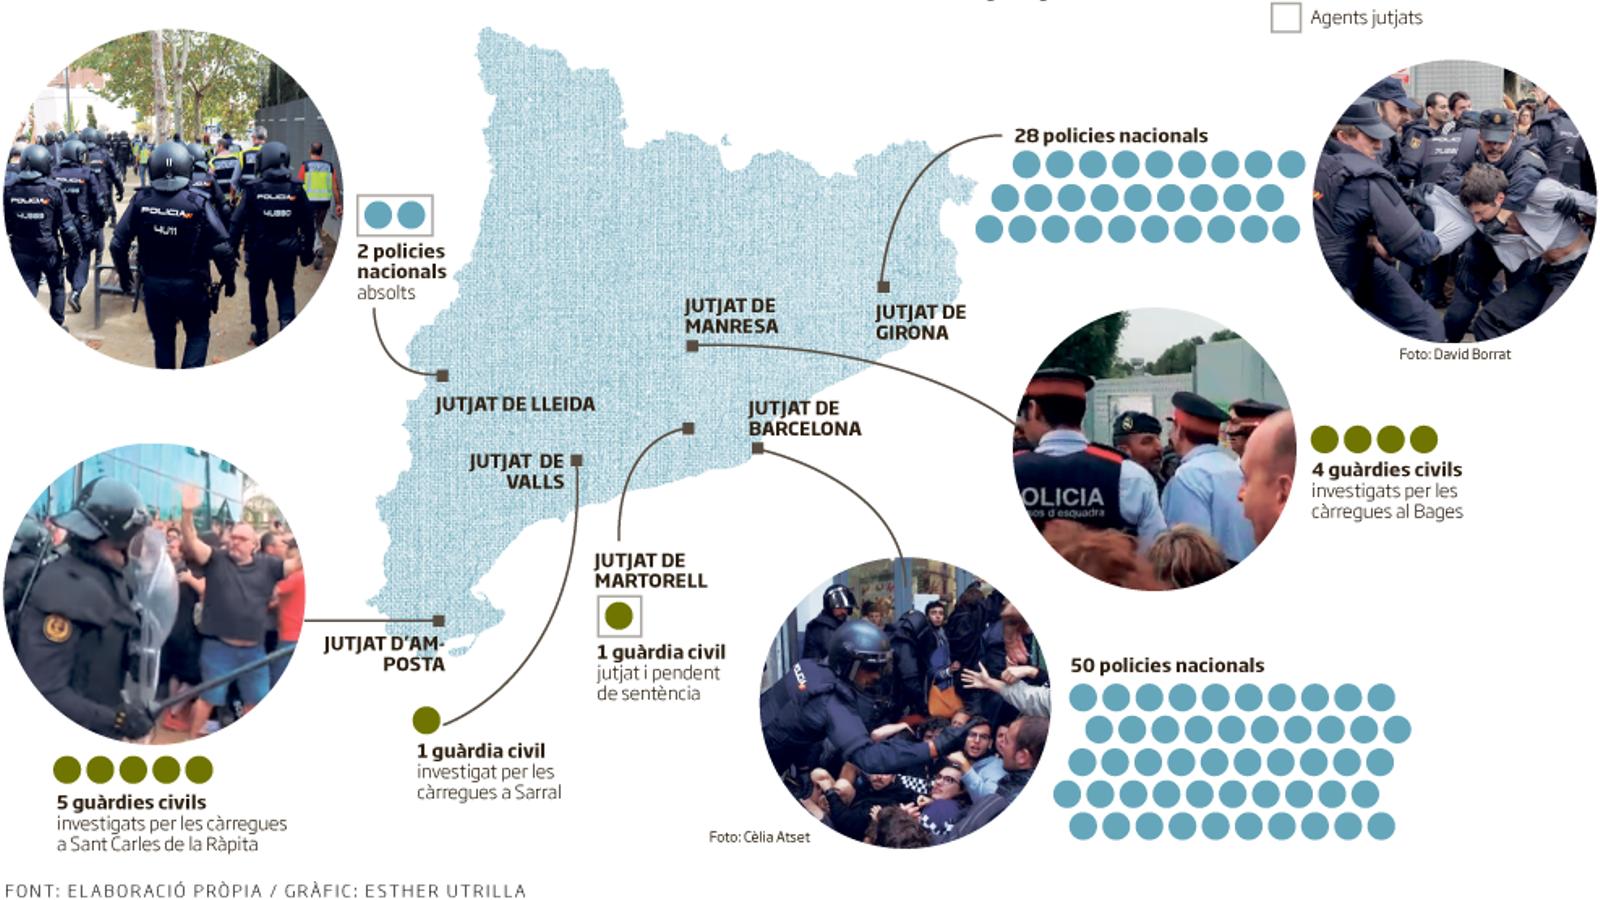 Investiguen tots els comandaments de la policia espanyola per les càrregues de l'1-O a Barcelona